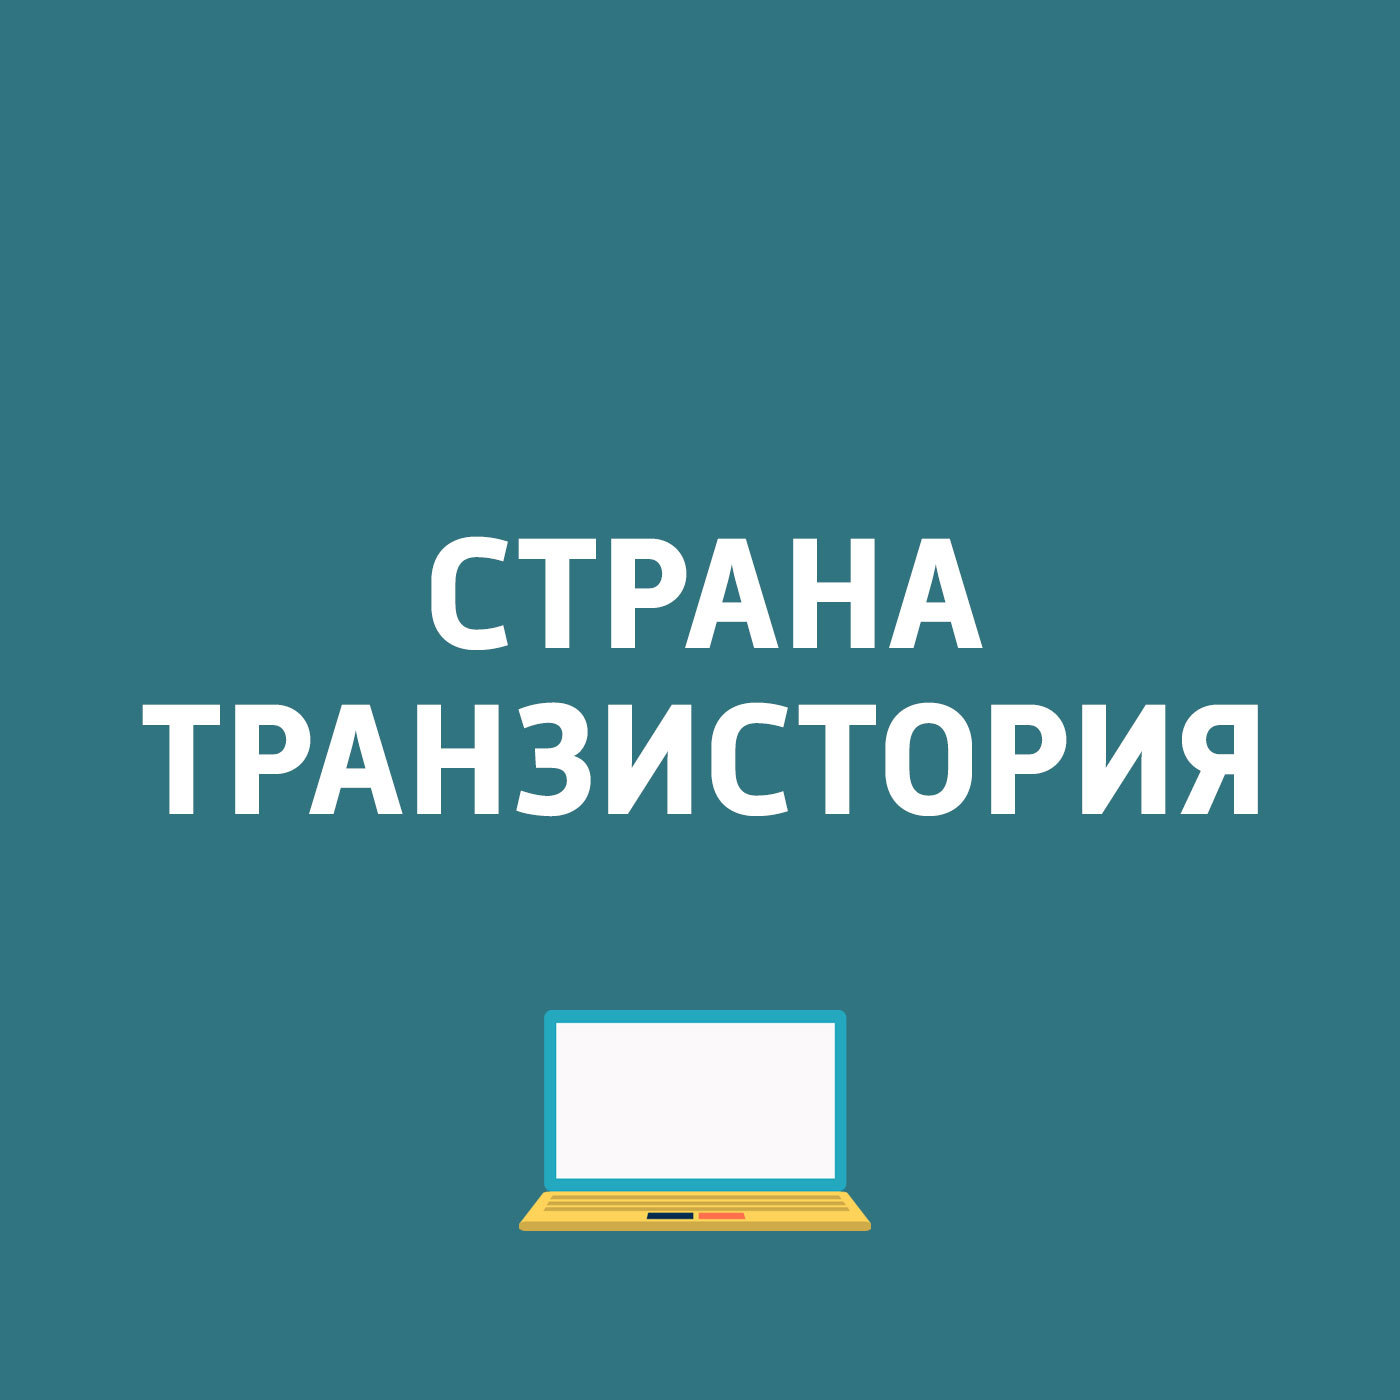 Картаев Павел Началась блокировка Telegram на территории России; Устройство для разблокировки iPhone; Hermitage Online в сообществе ВКонтакте картаев павел oppo возвращается на российский рынок